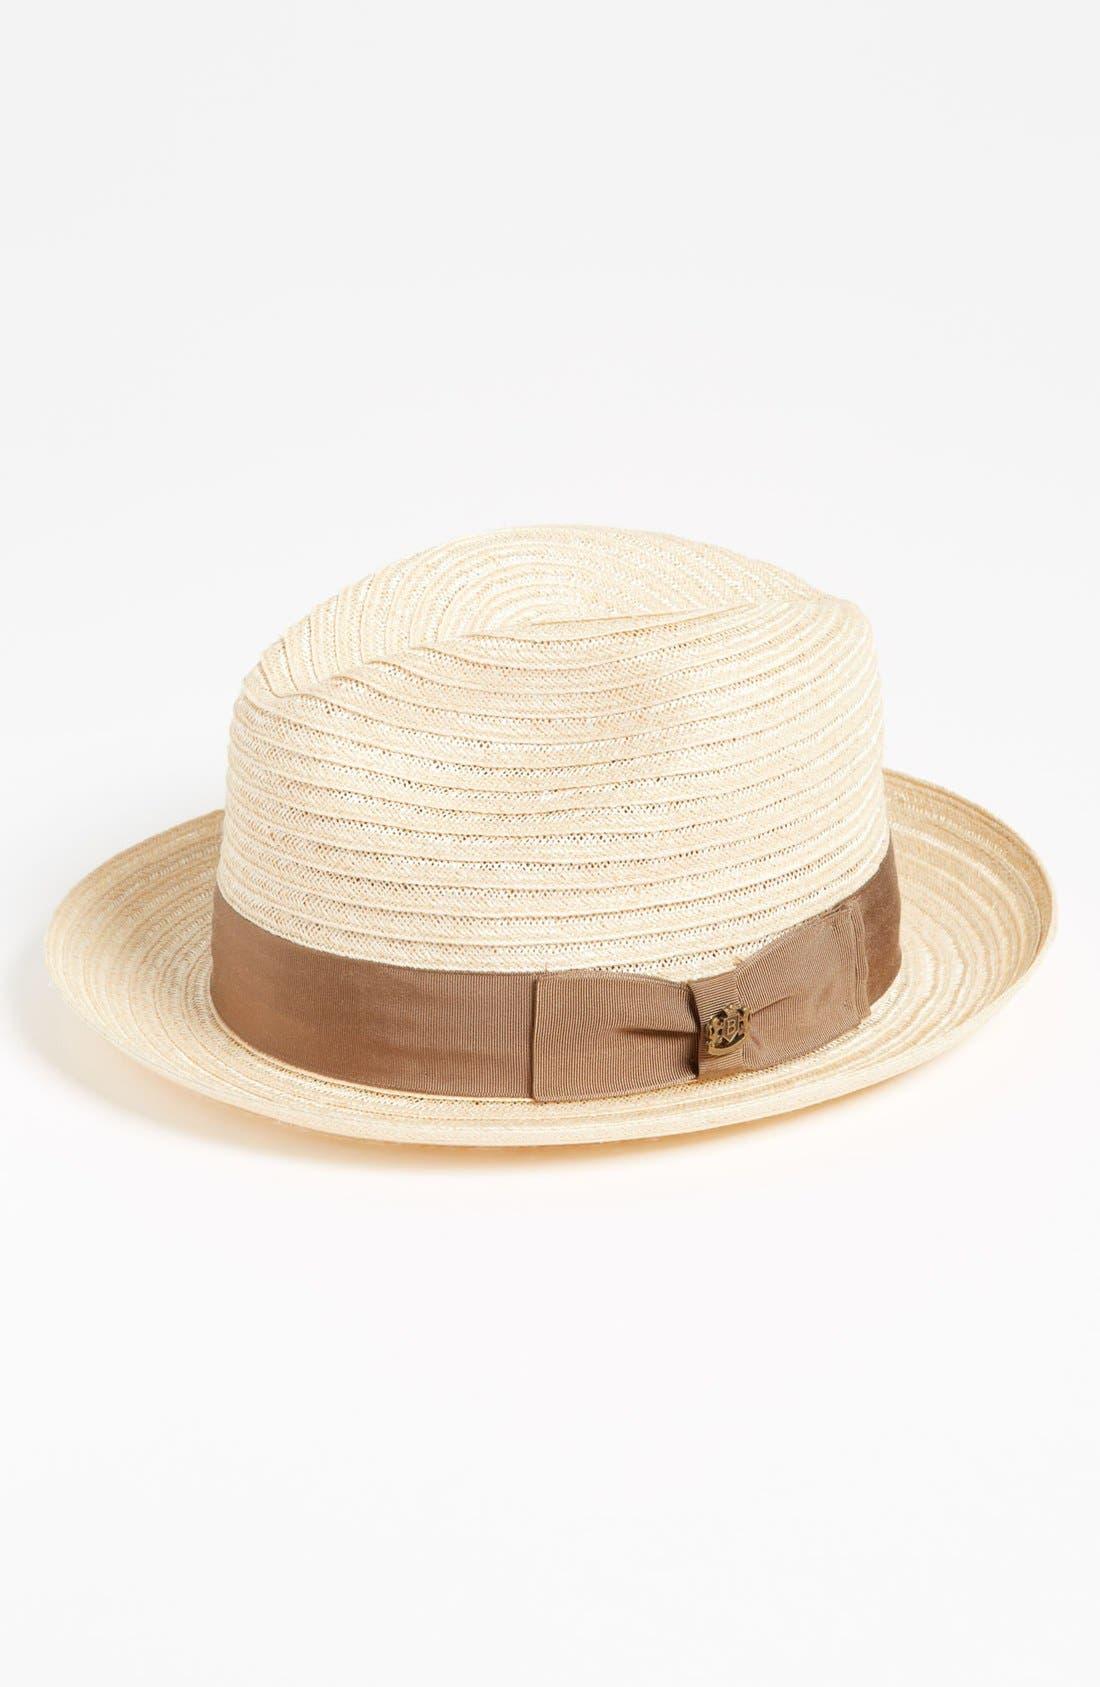 Alternate Image 1 Selected - Biltmore Hats Fedora